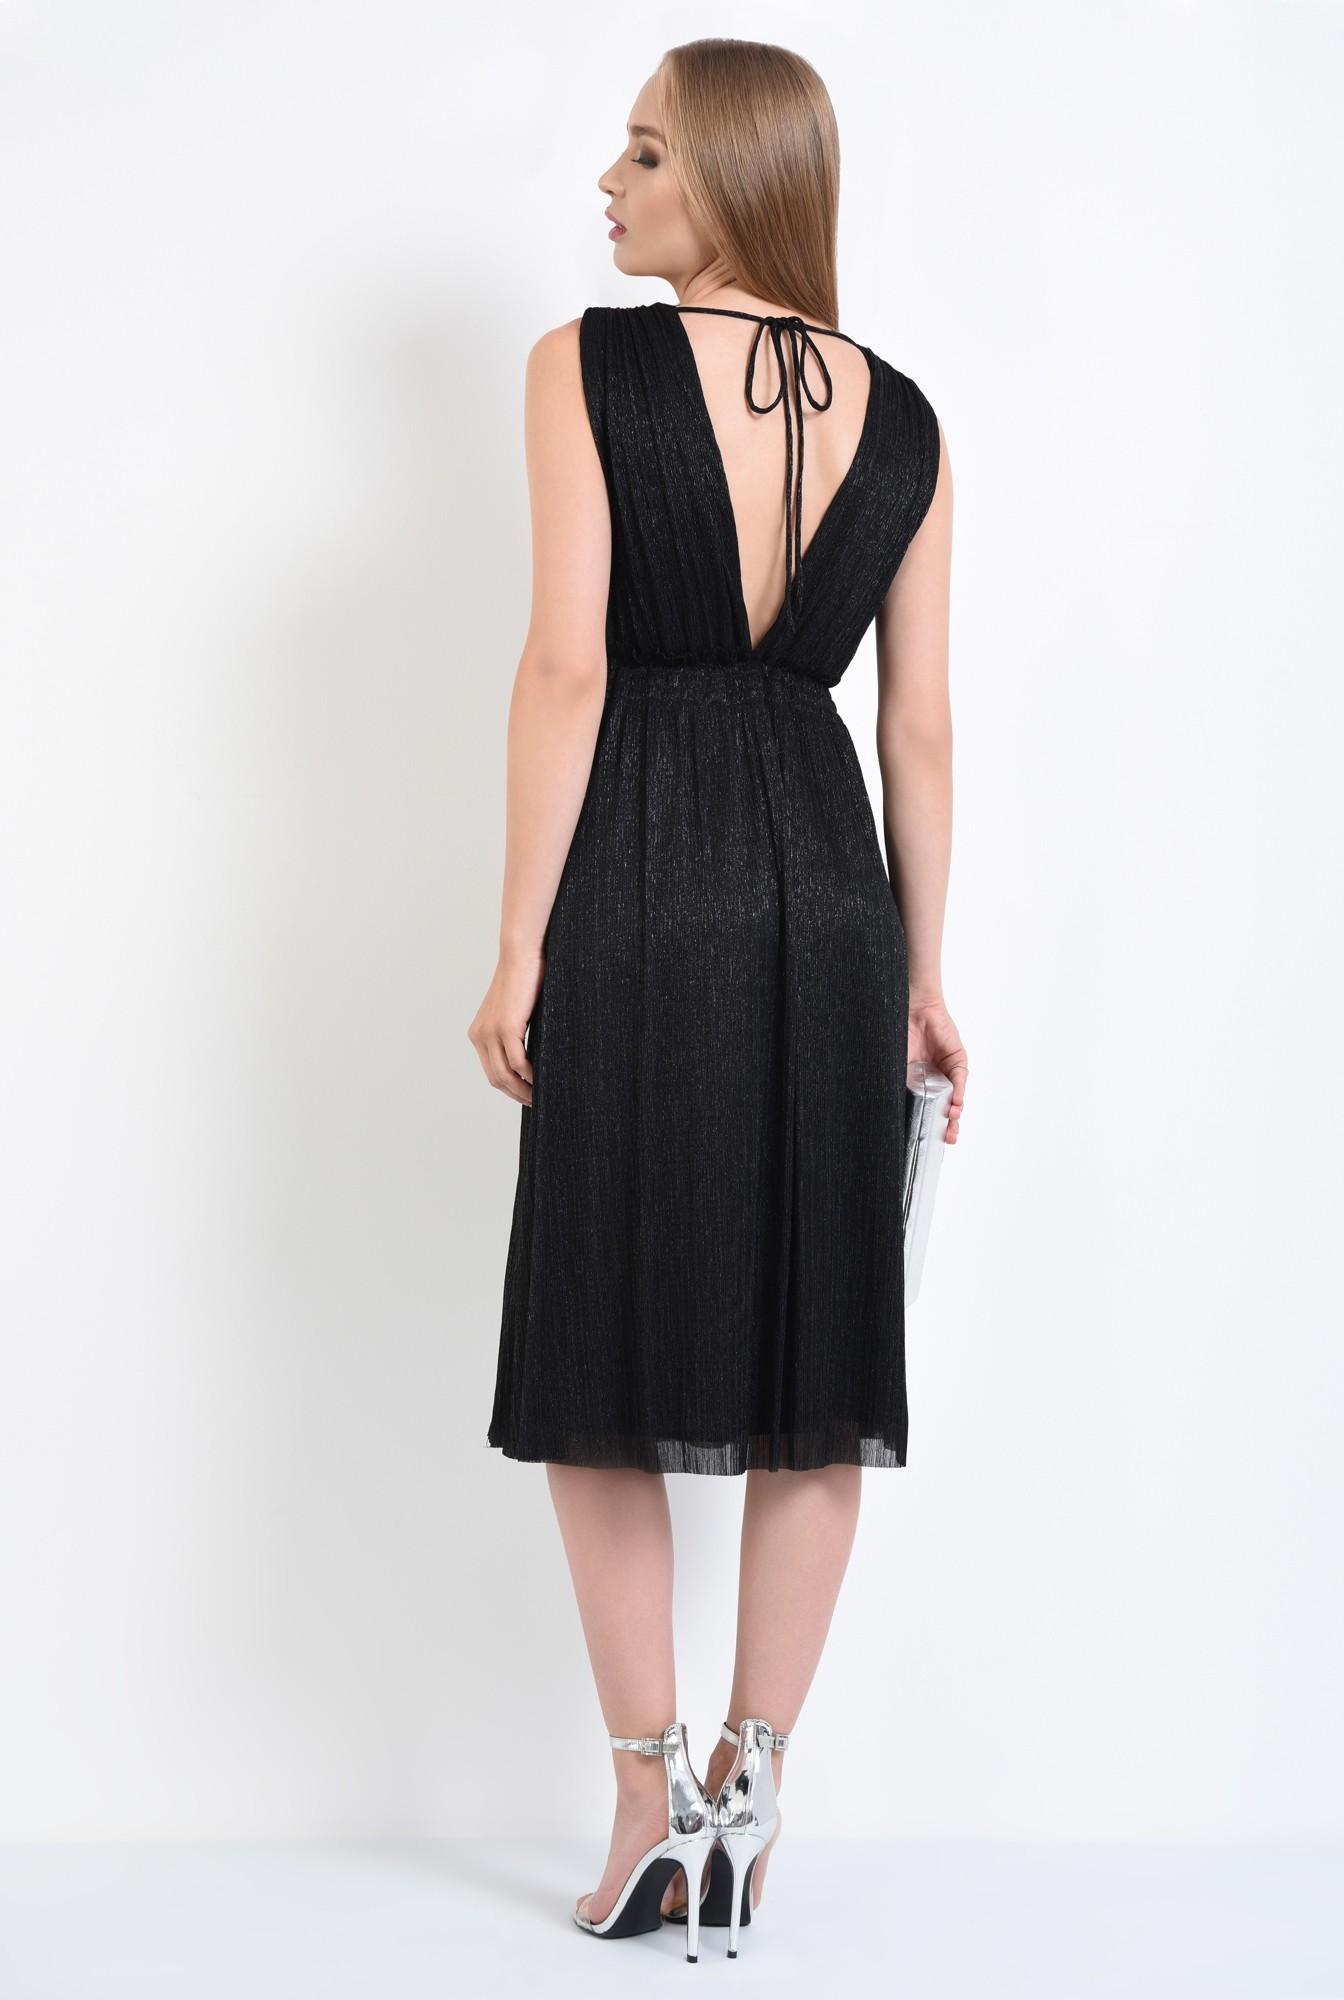 1 - rochie de seara, lurex, negru, spate gol, snur, cu funda